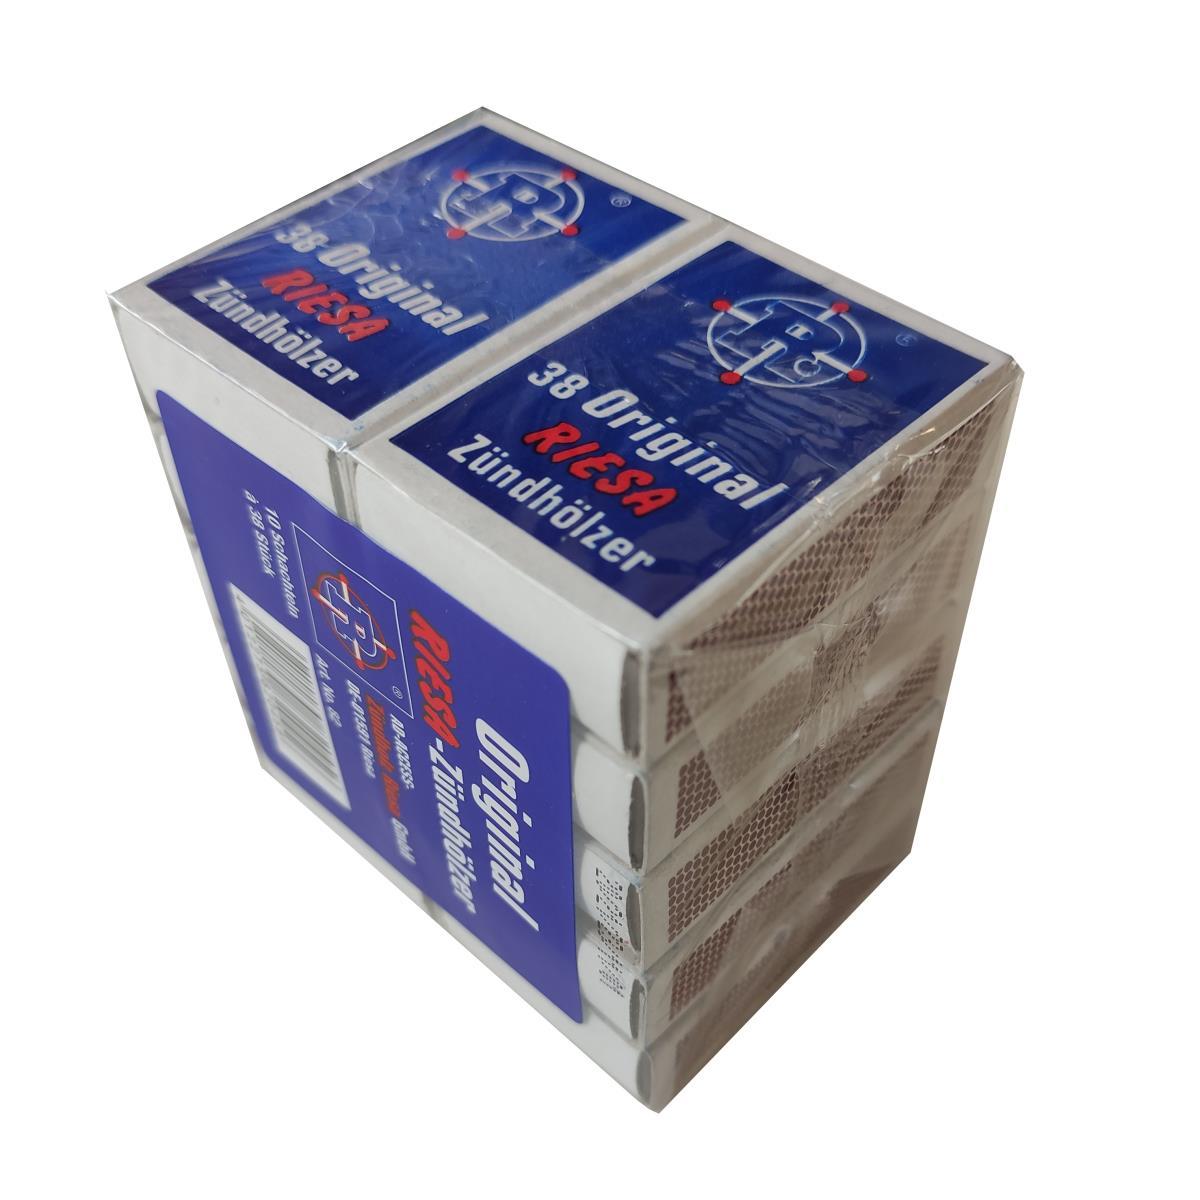 110 Schachteln Streichhölzer, Zündhölzer, Zündholzschachtel,KM Zündholz International ,0000082, 0685293813881